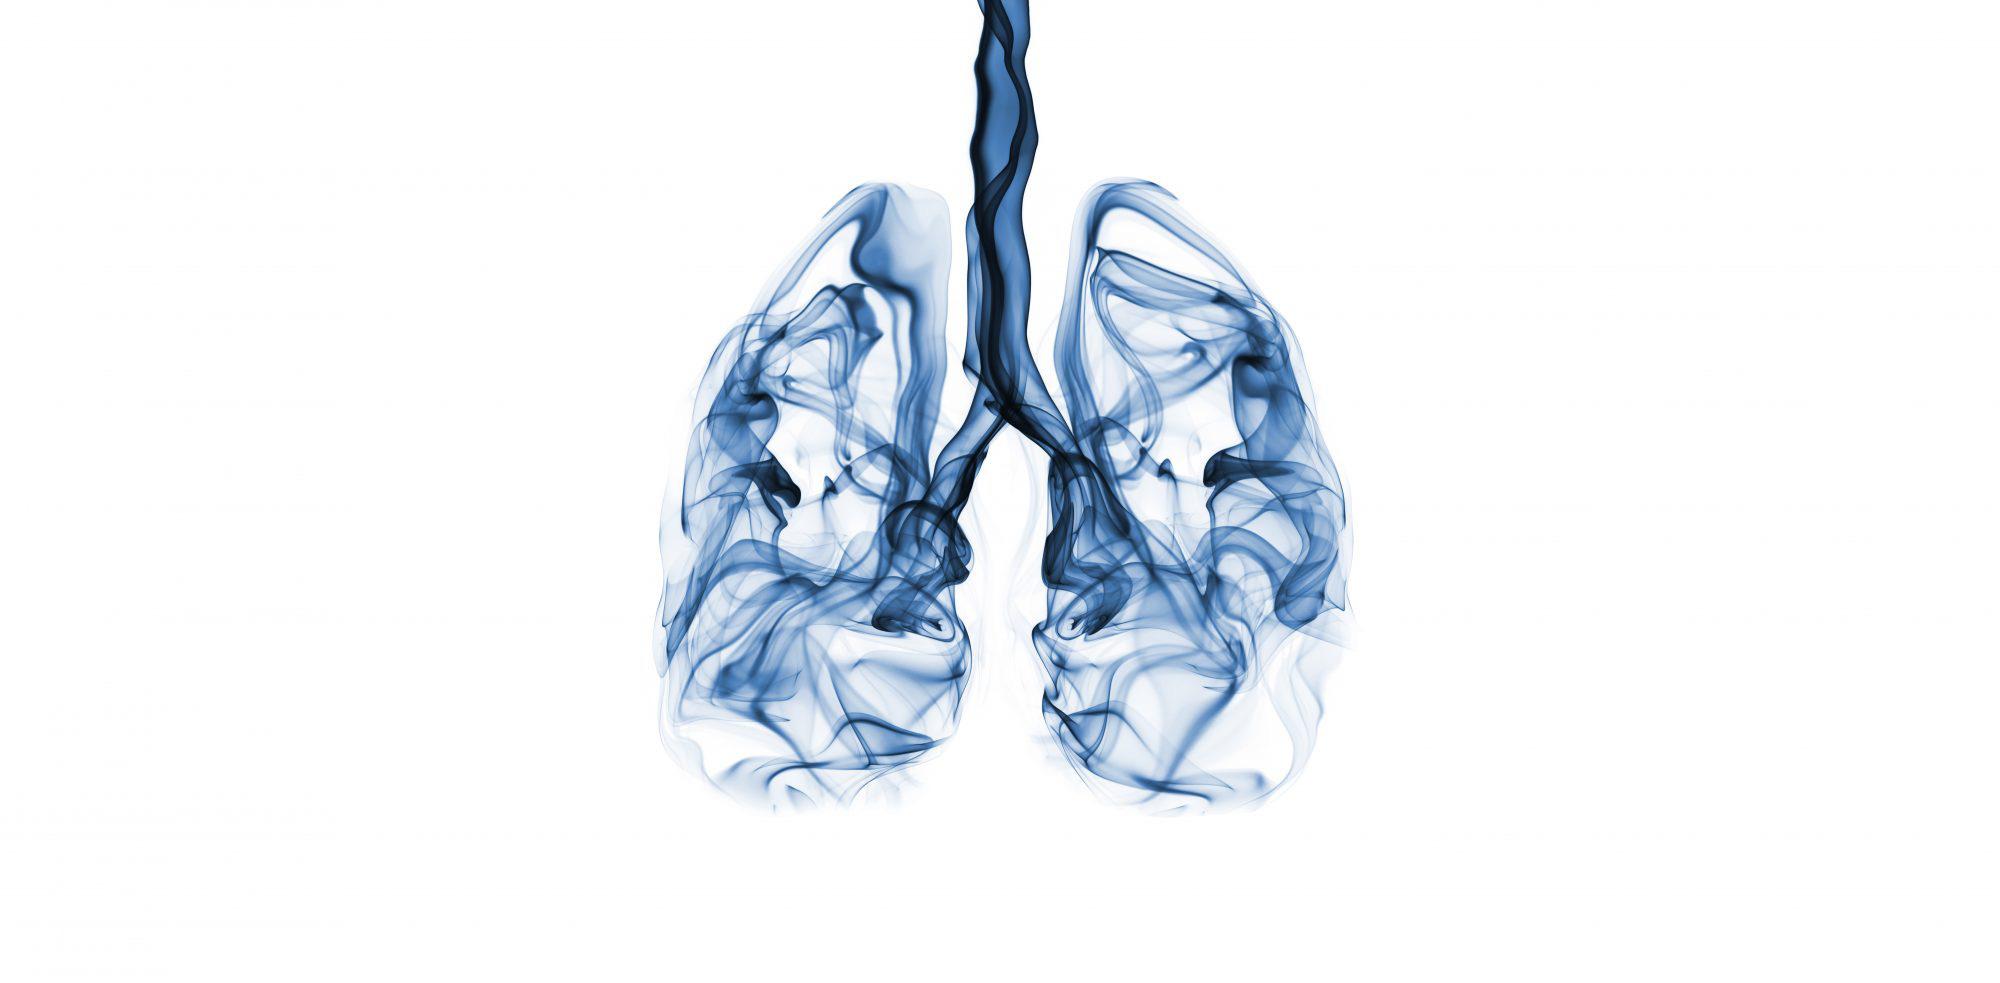 """Khi môi trường luôn ô nhiễm và bệnh COVID-19 vẫn """"rình rập"""", hãy nhớ 3 việc cần tránh xa và 9 việc cần làm để phổi luôn khỏe mạnh - Ảnh 3."""